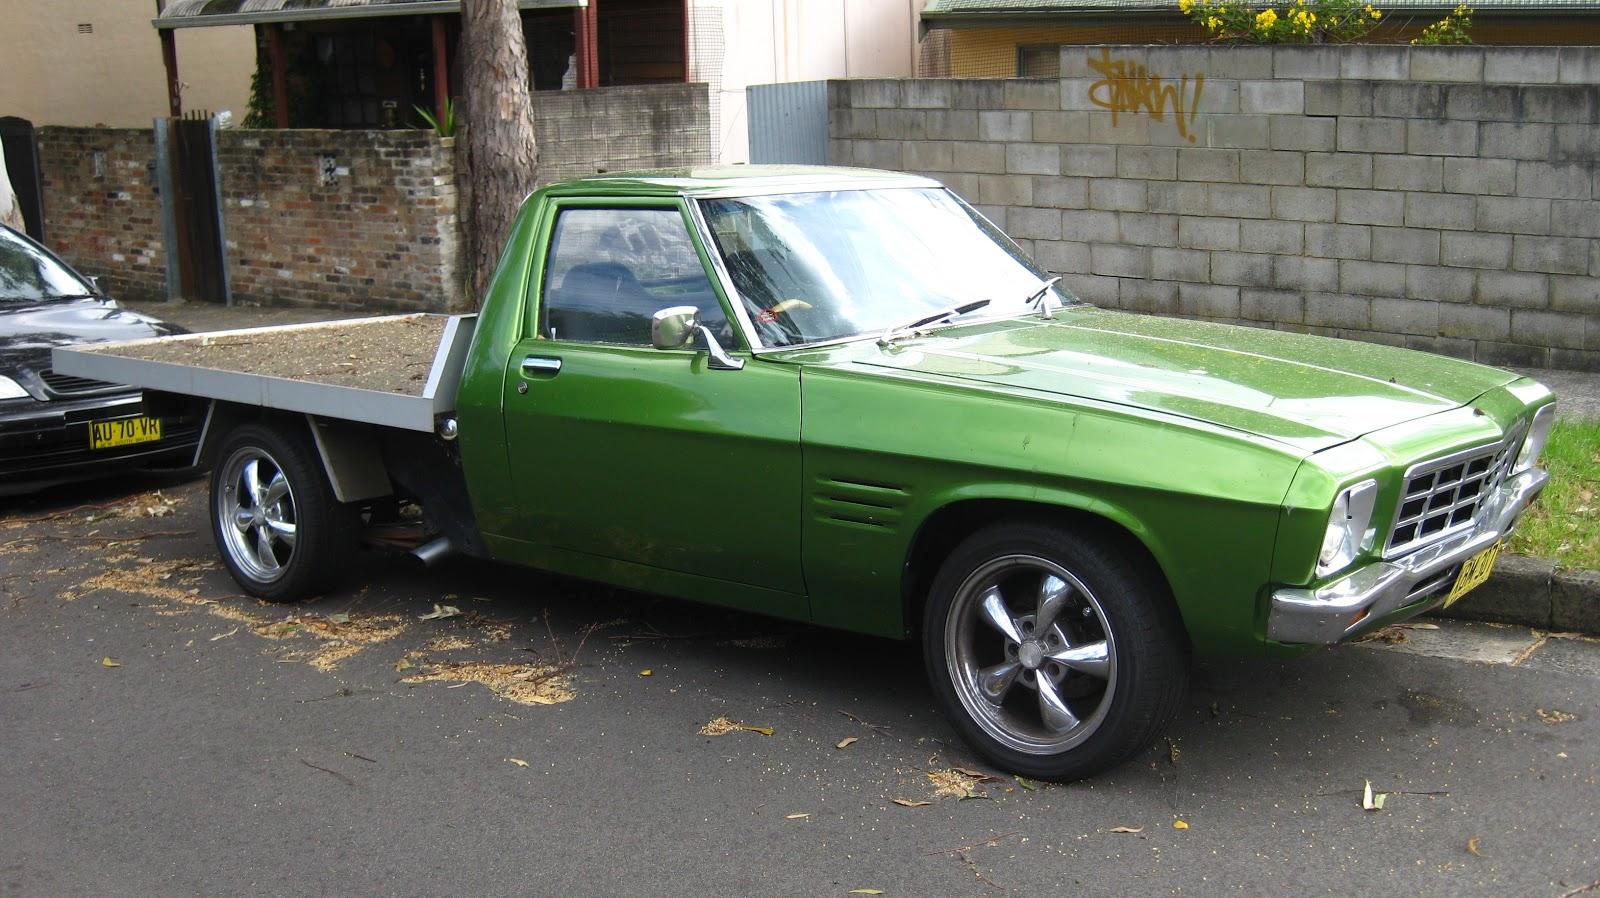 Aussie Old Parked Cars 1979 Holden Hz One Tonner